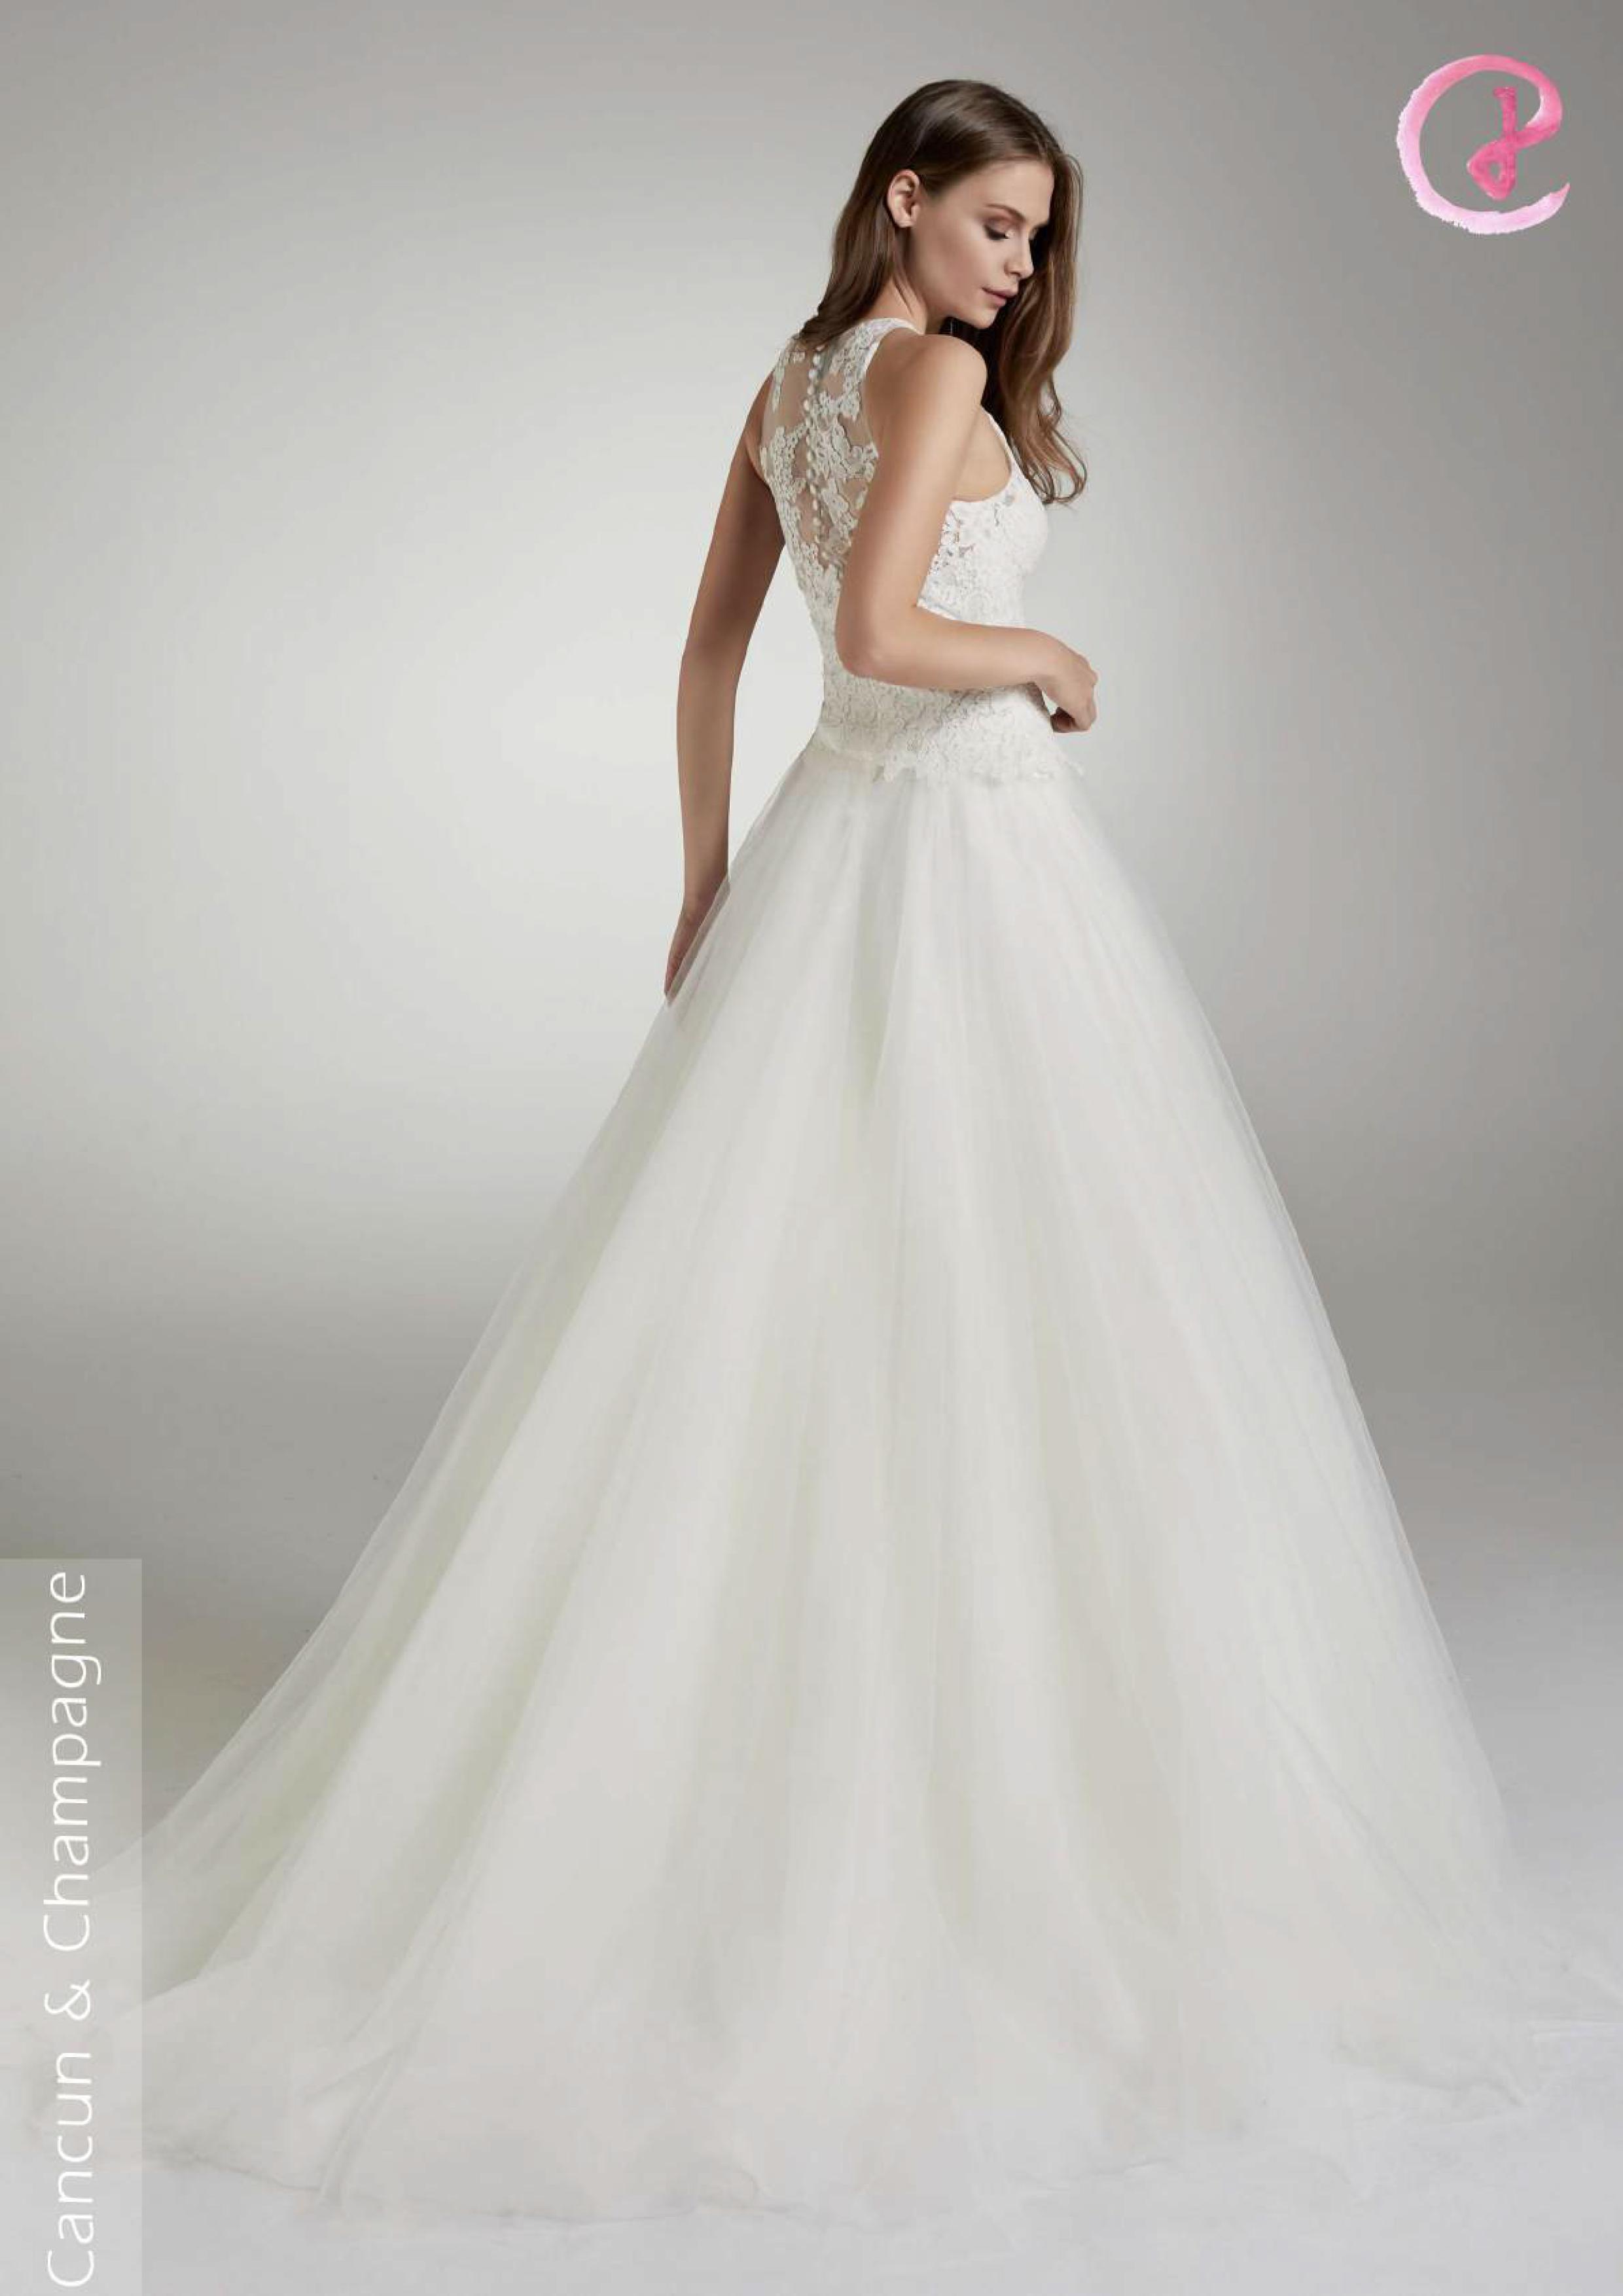 Großartig Brautkleid Chicago Il Zeitgenössisch - Brautkleider Ideen ...